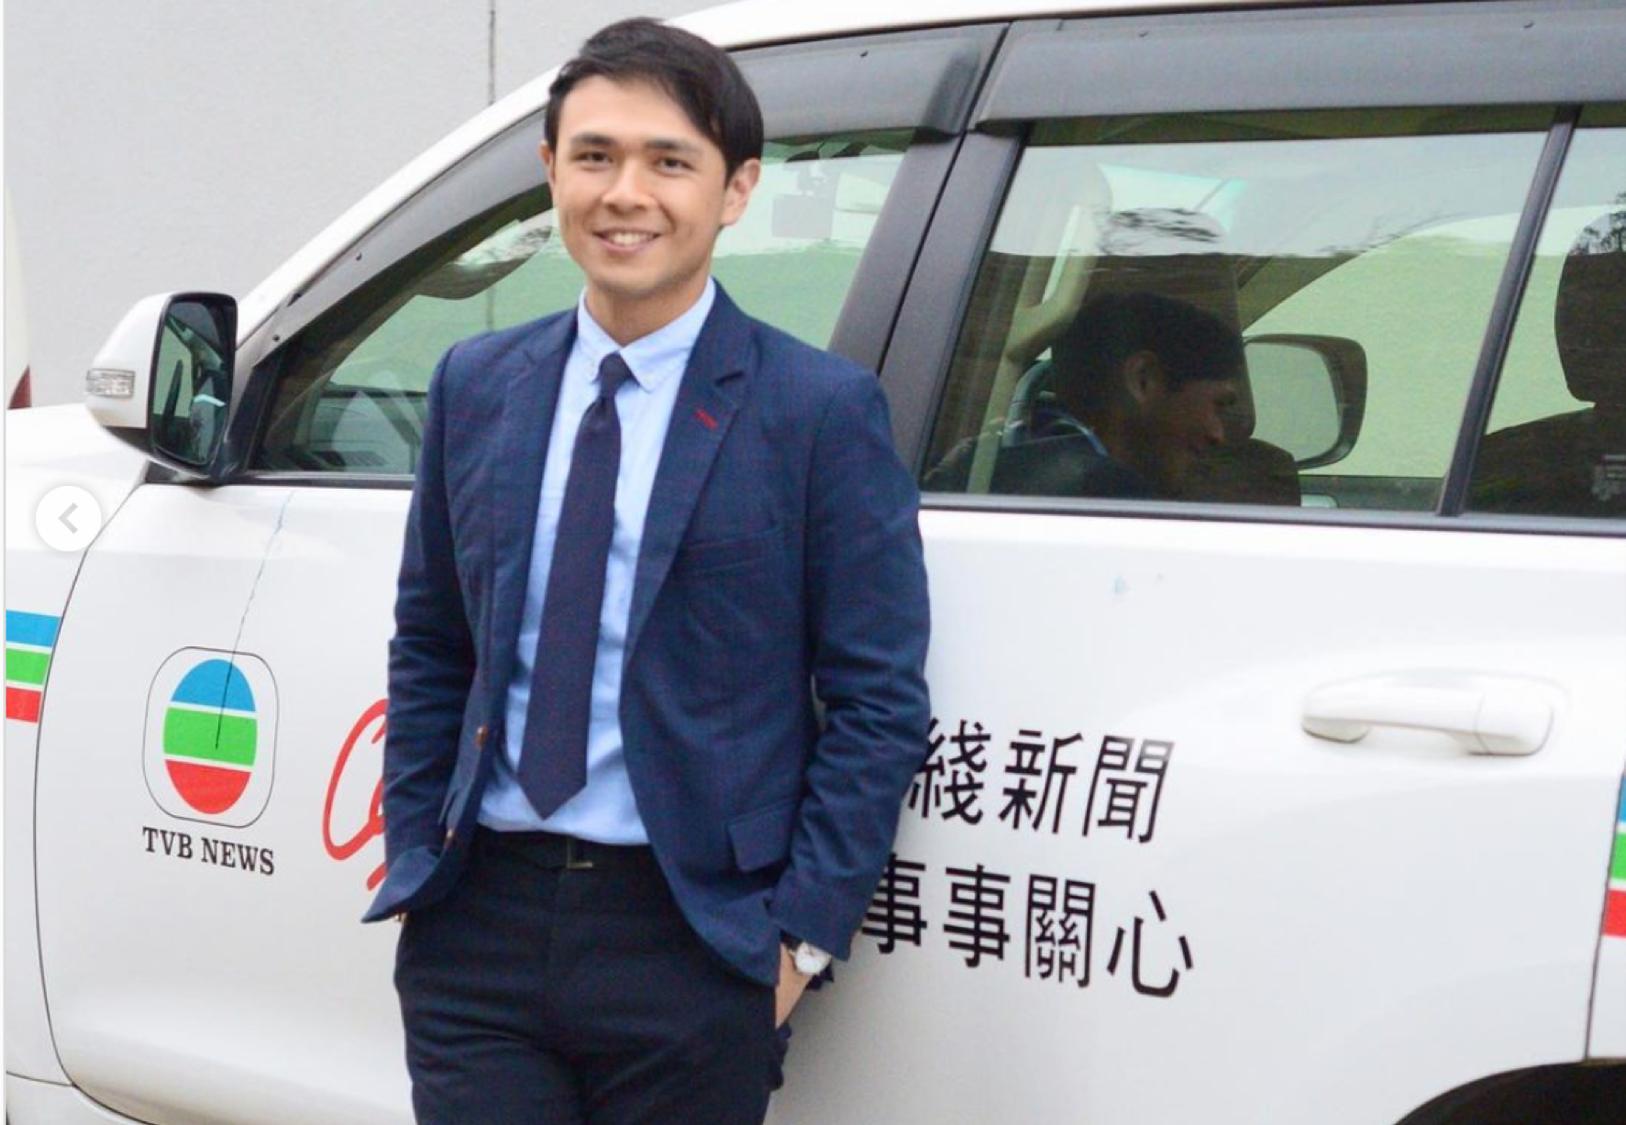 無線主播王俊彥在臨別之際發文見證大台的興衰,慨嘆「時光未許倒流」。(王俊彥 Instagram)